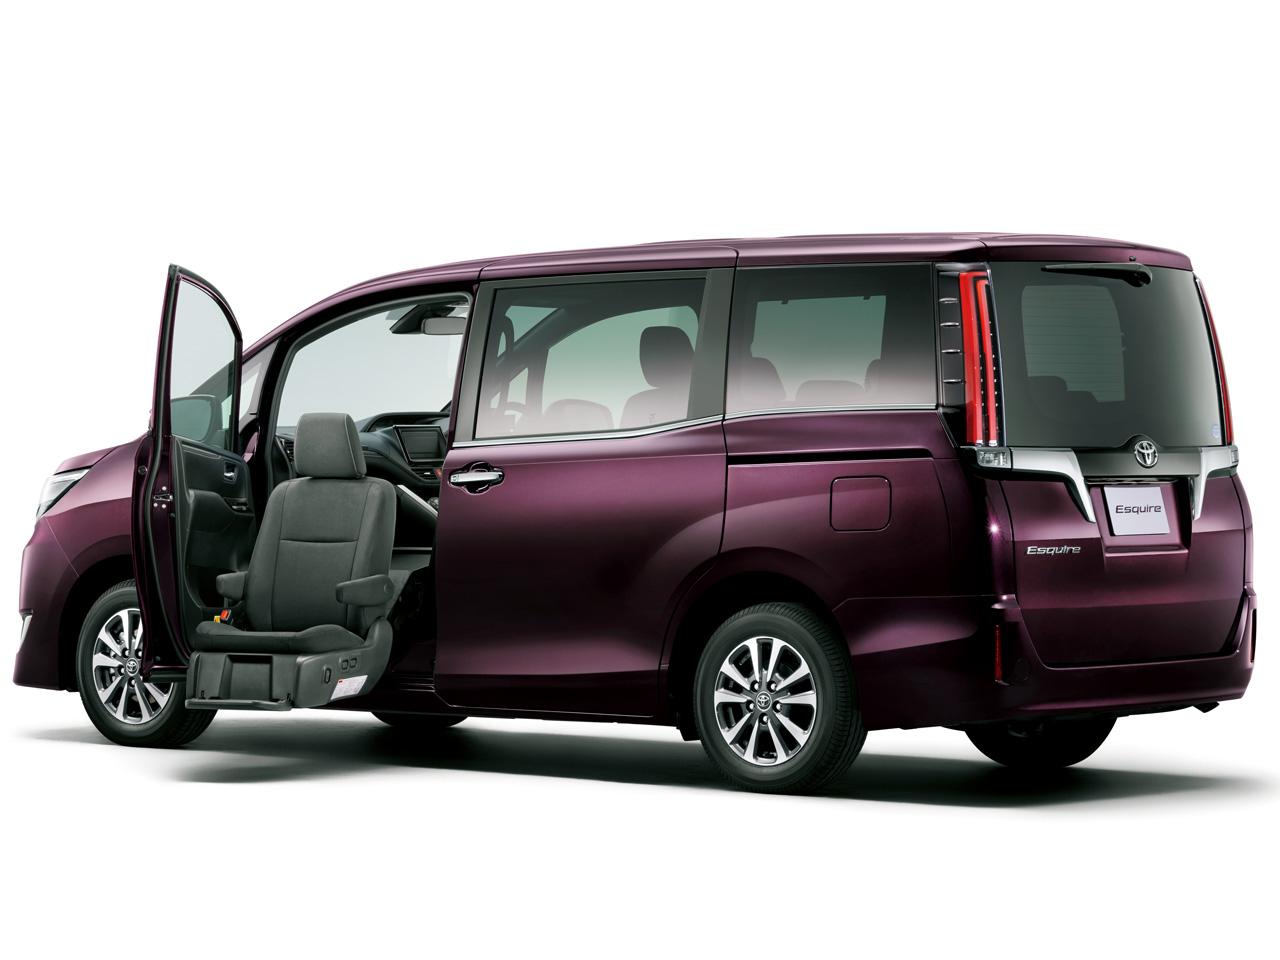 トヨタ エスクァイア 福祉車両 2014年モデル 新車画像